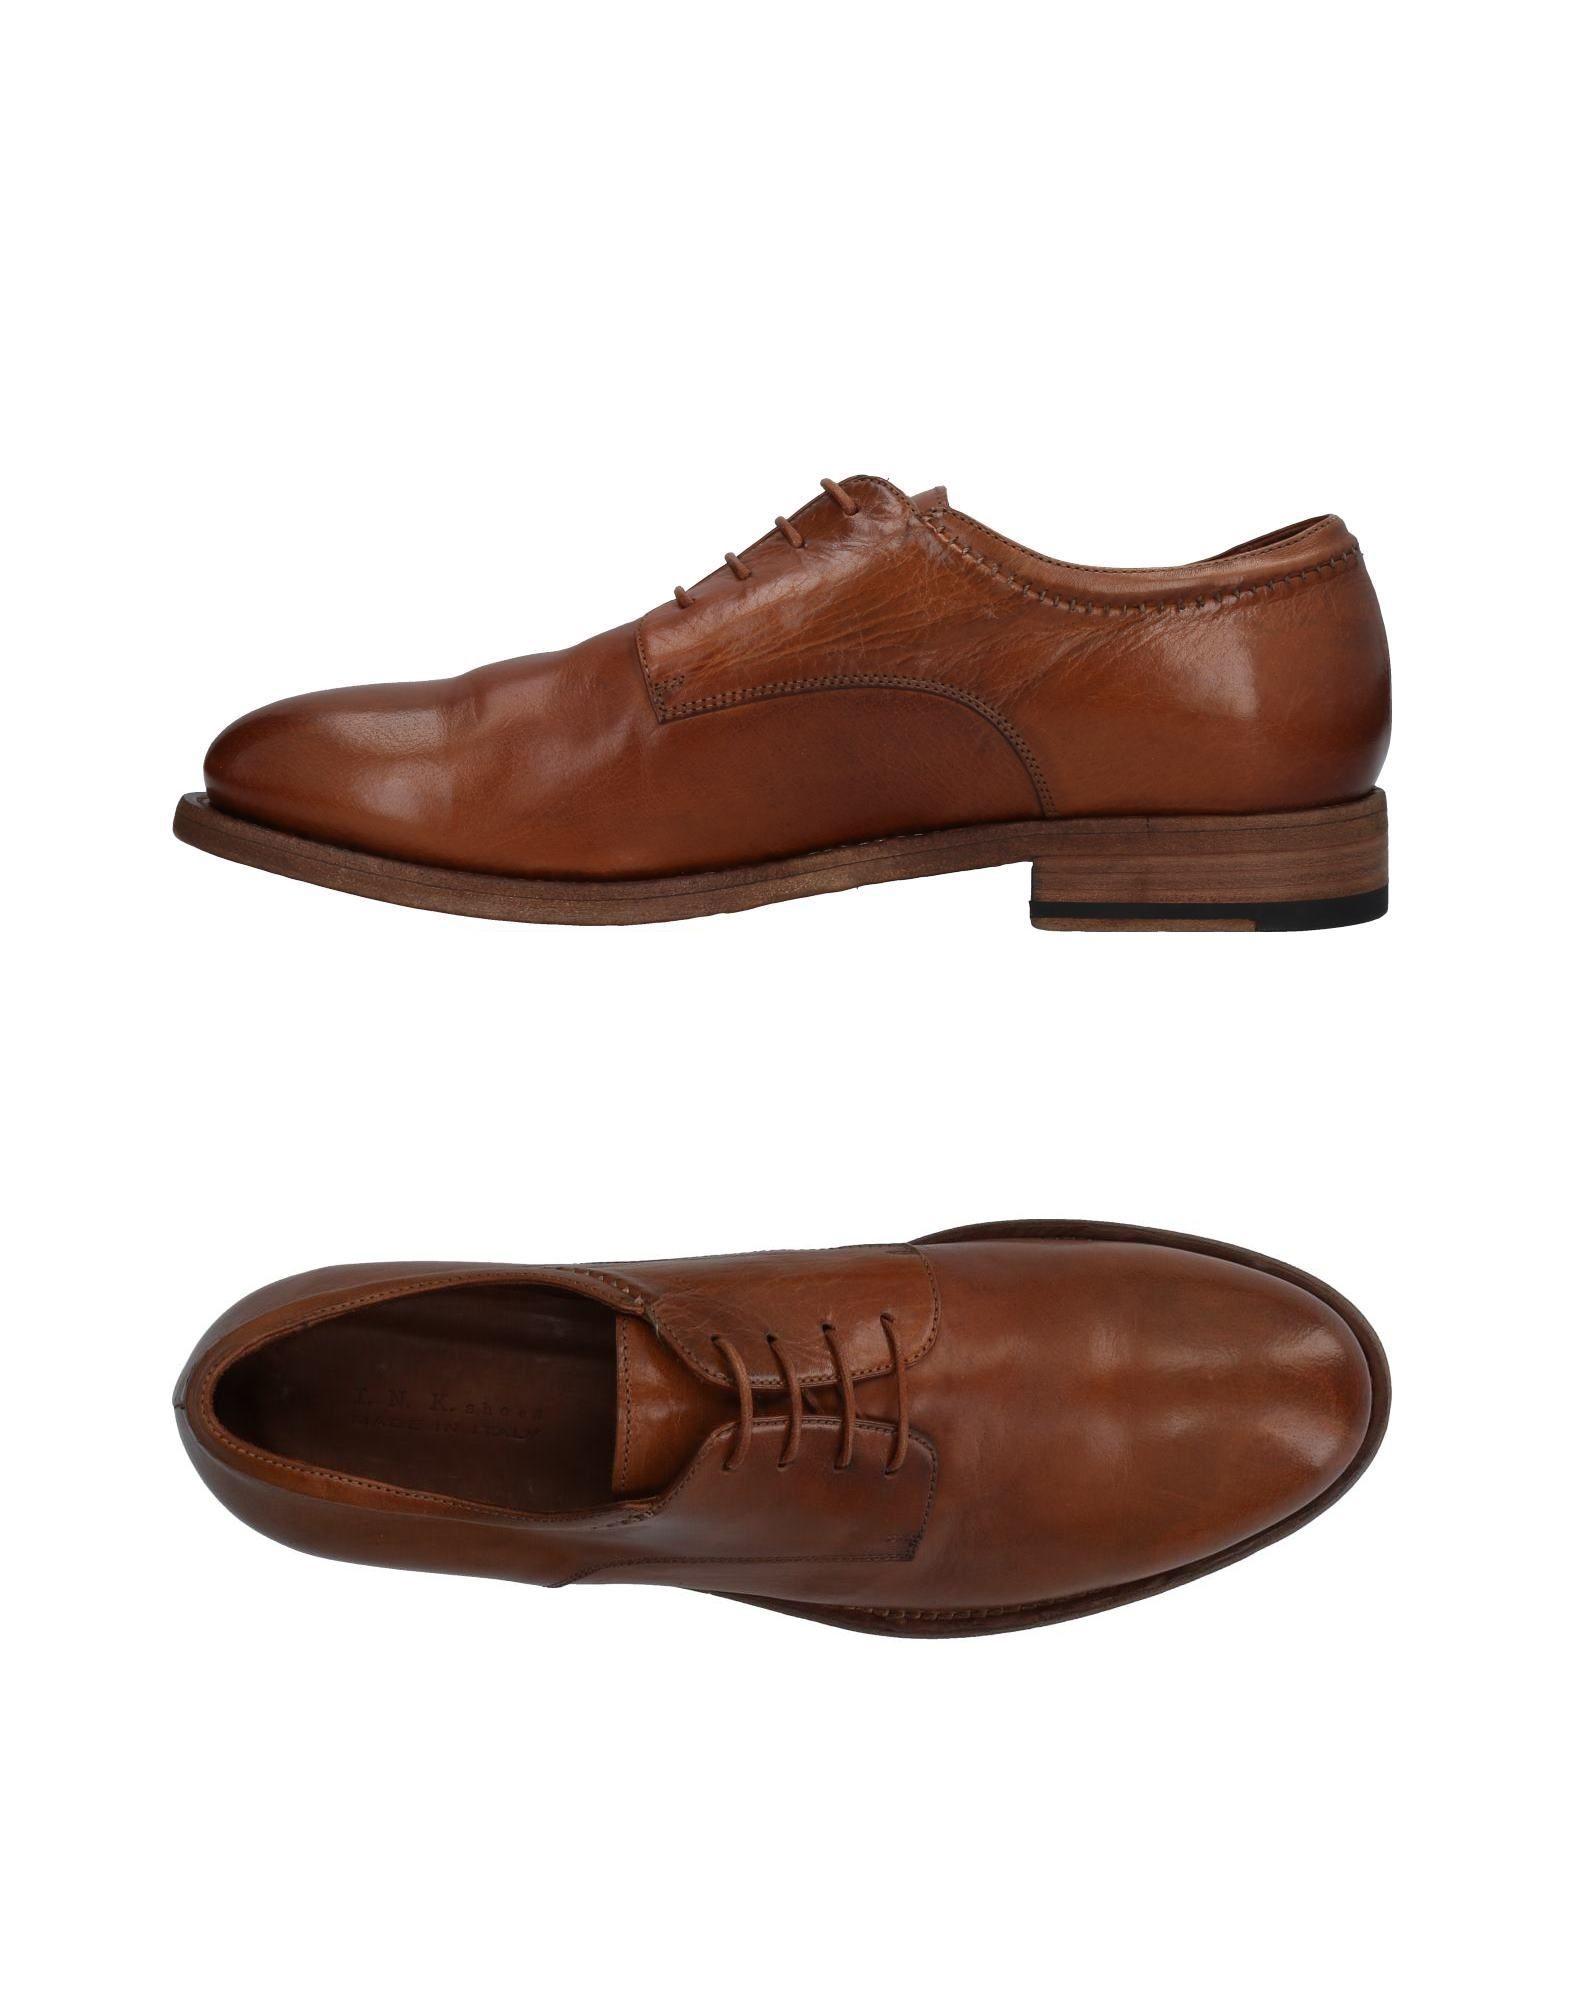 I.N.K. Shoes Schnürschuhe Herren beliebte  11474947ML Gute Qualität beliebte Herren Schuhe ada011